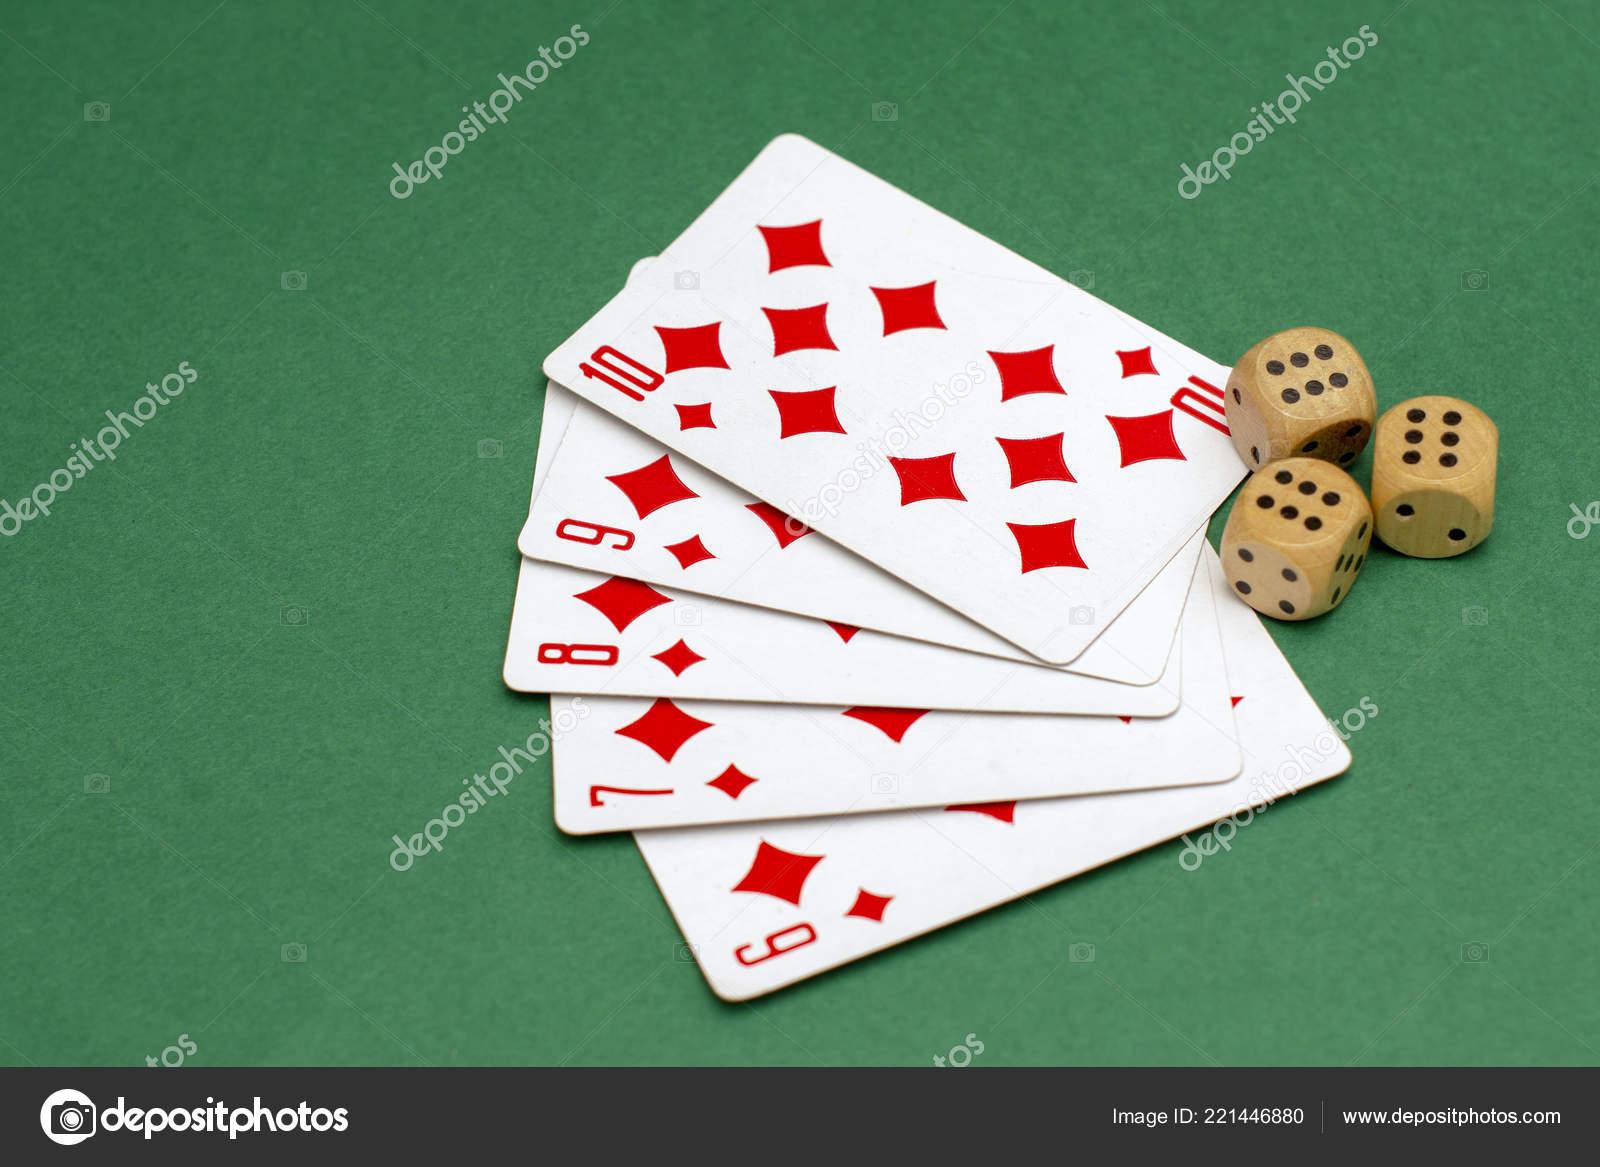 Игровые автоматы играть без регистрации и бесплатно в казино адмирал